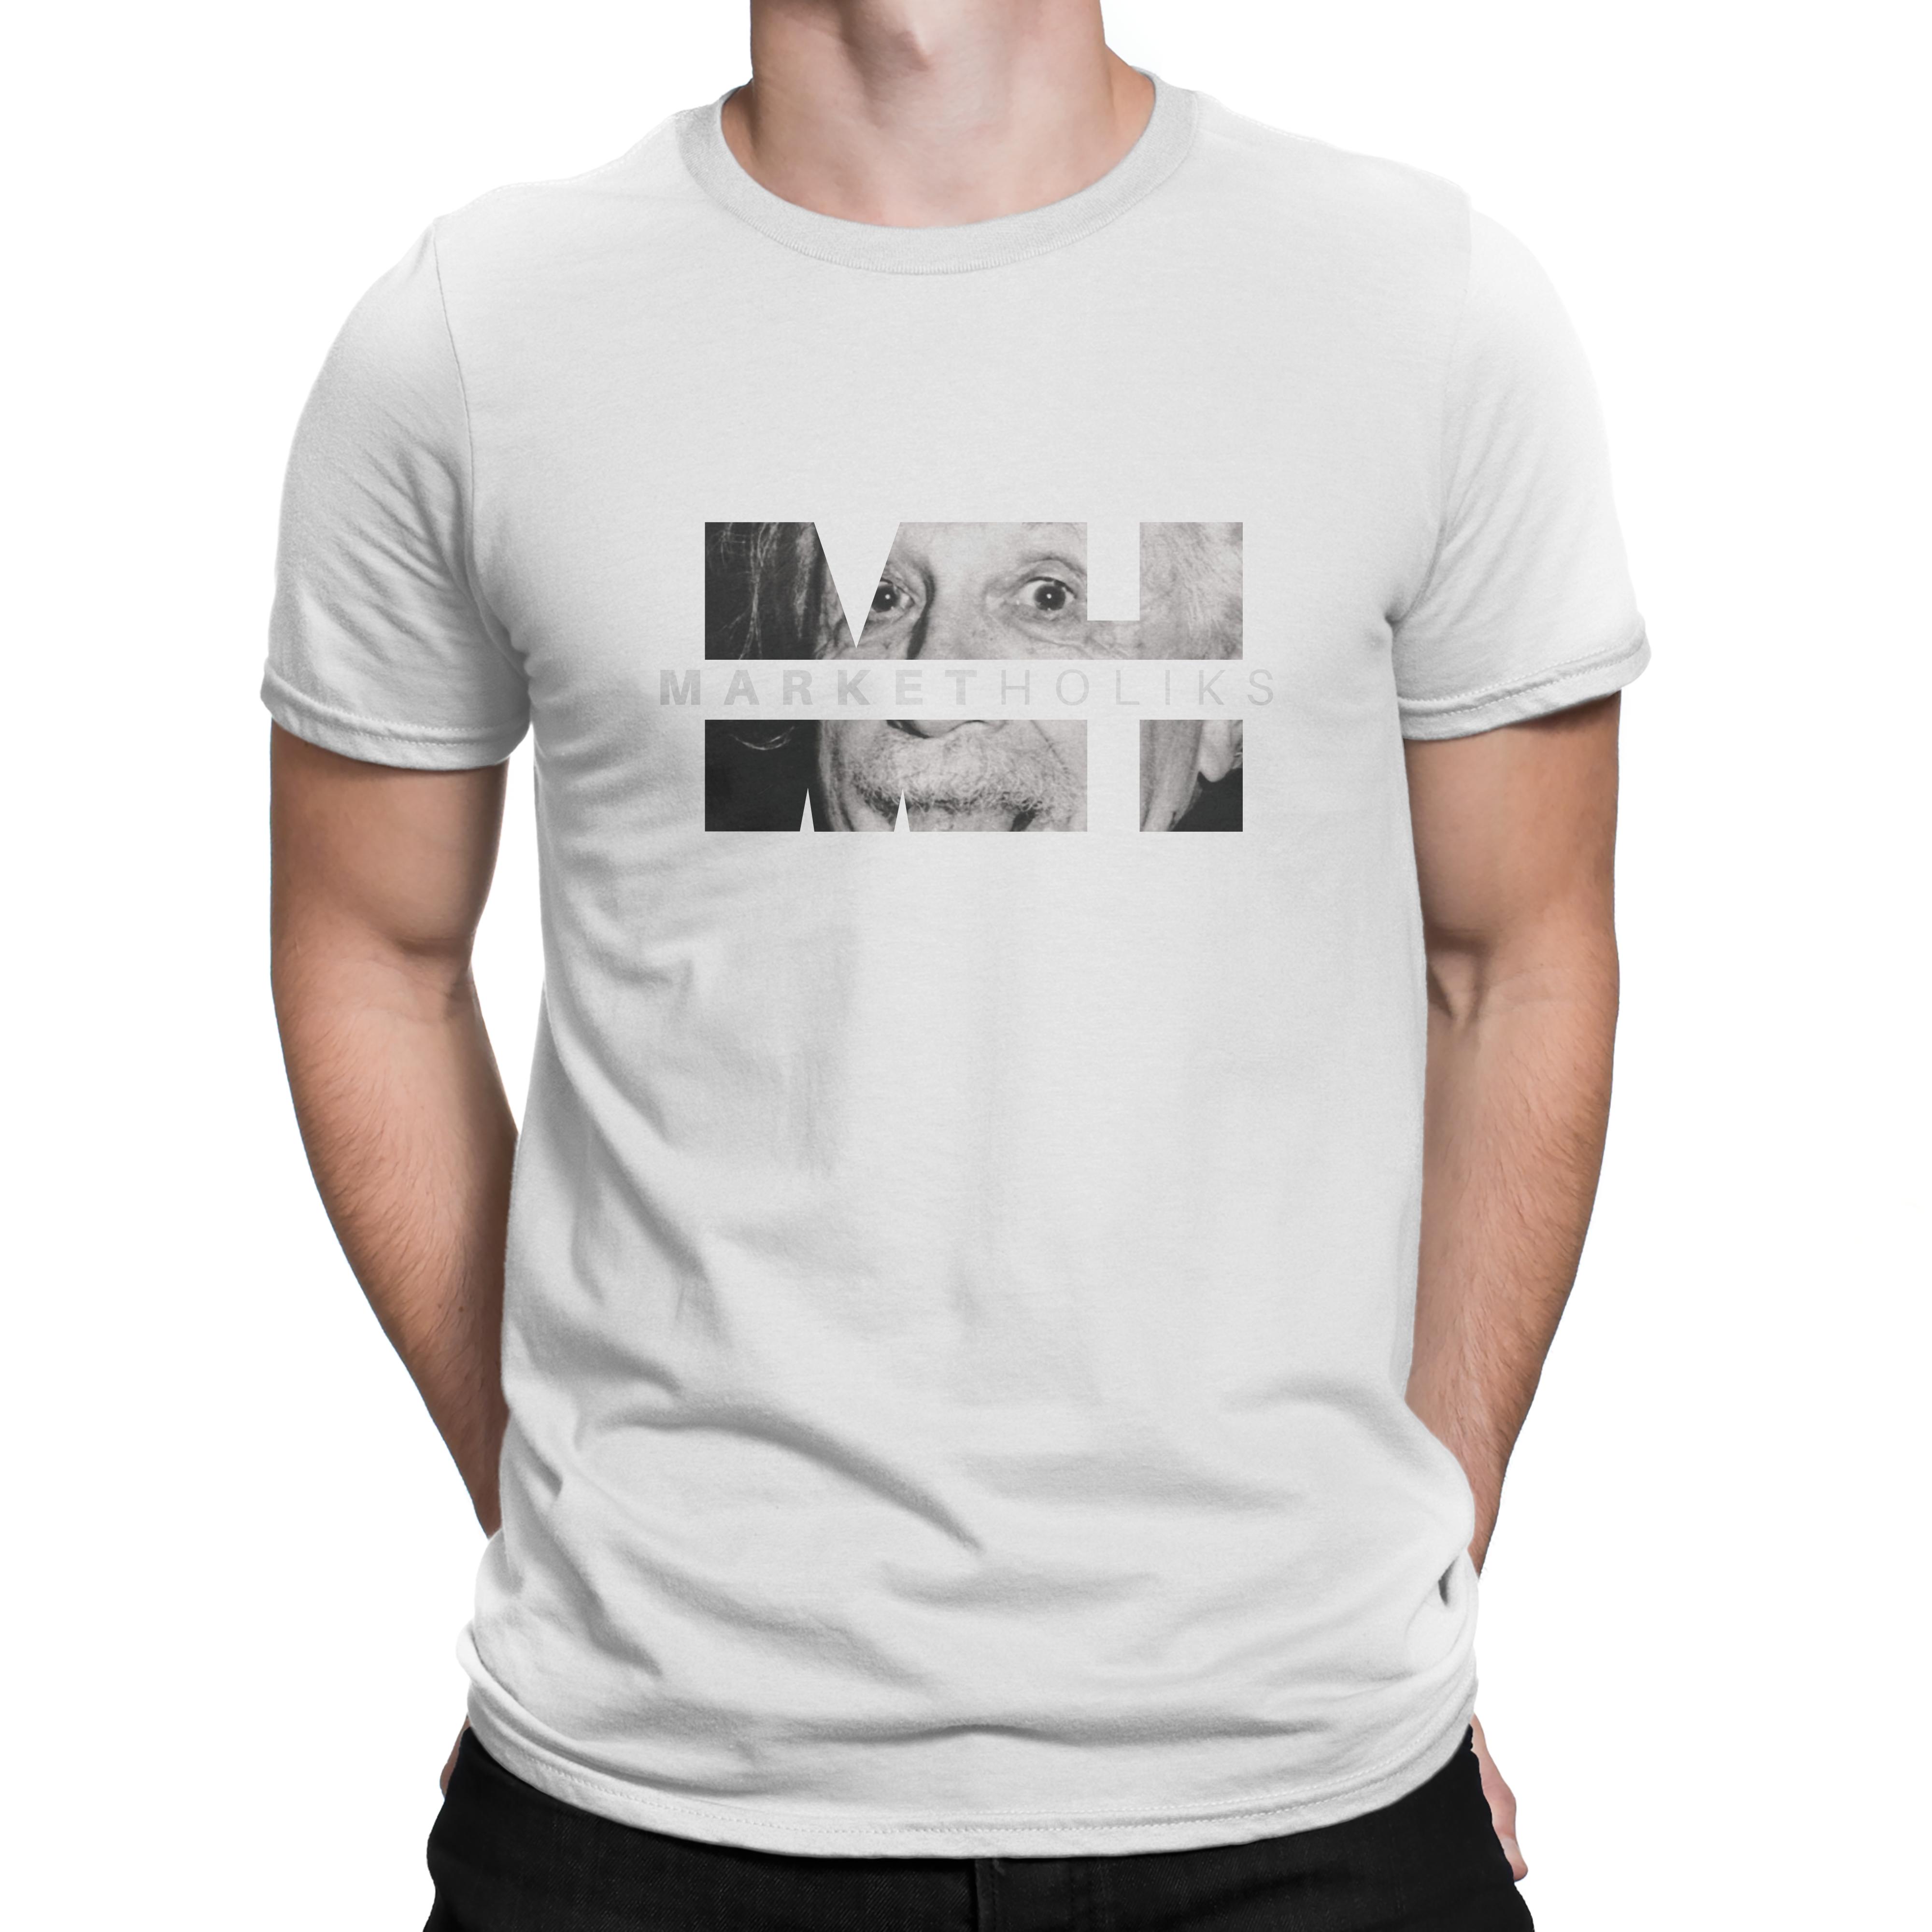 Marketholiks shirt white